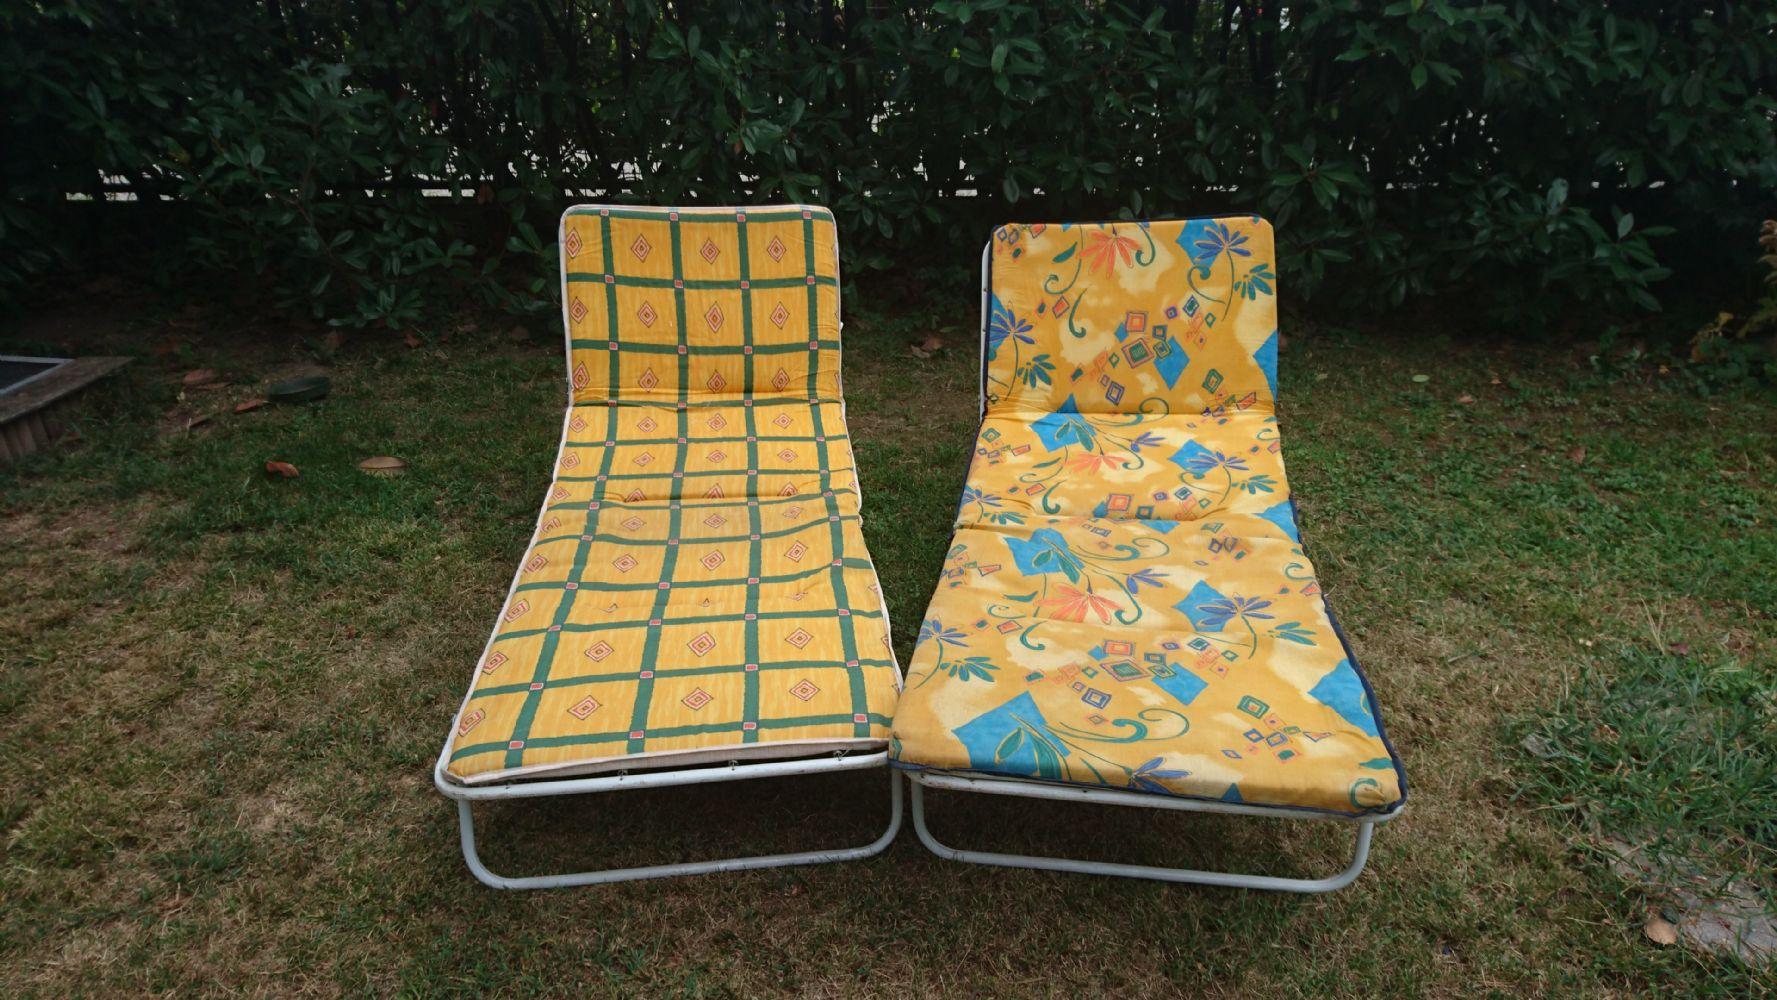 Sdraio usate in vendita sedie a sdraio usate bukadar for Svendita sedie